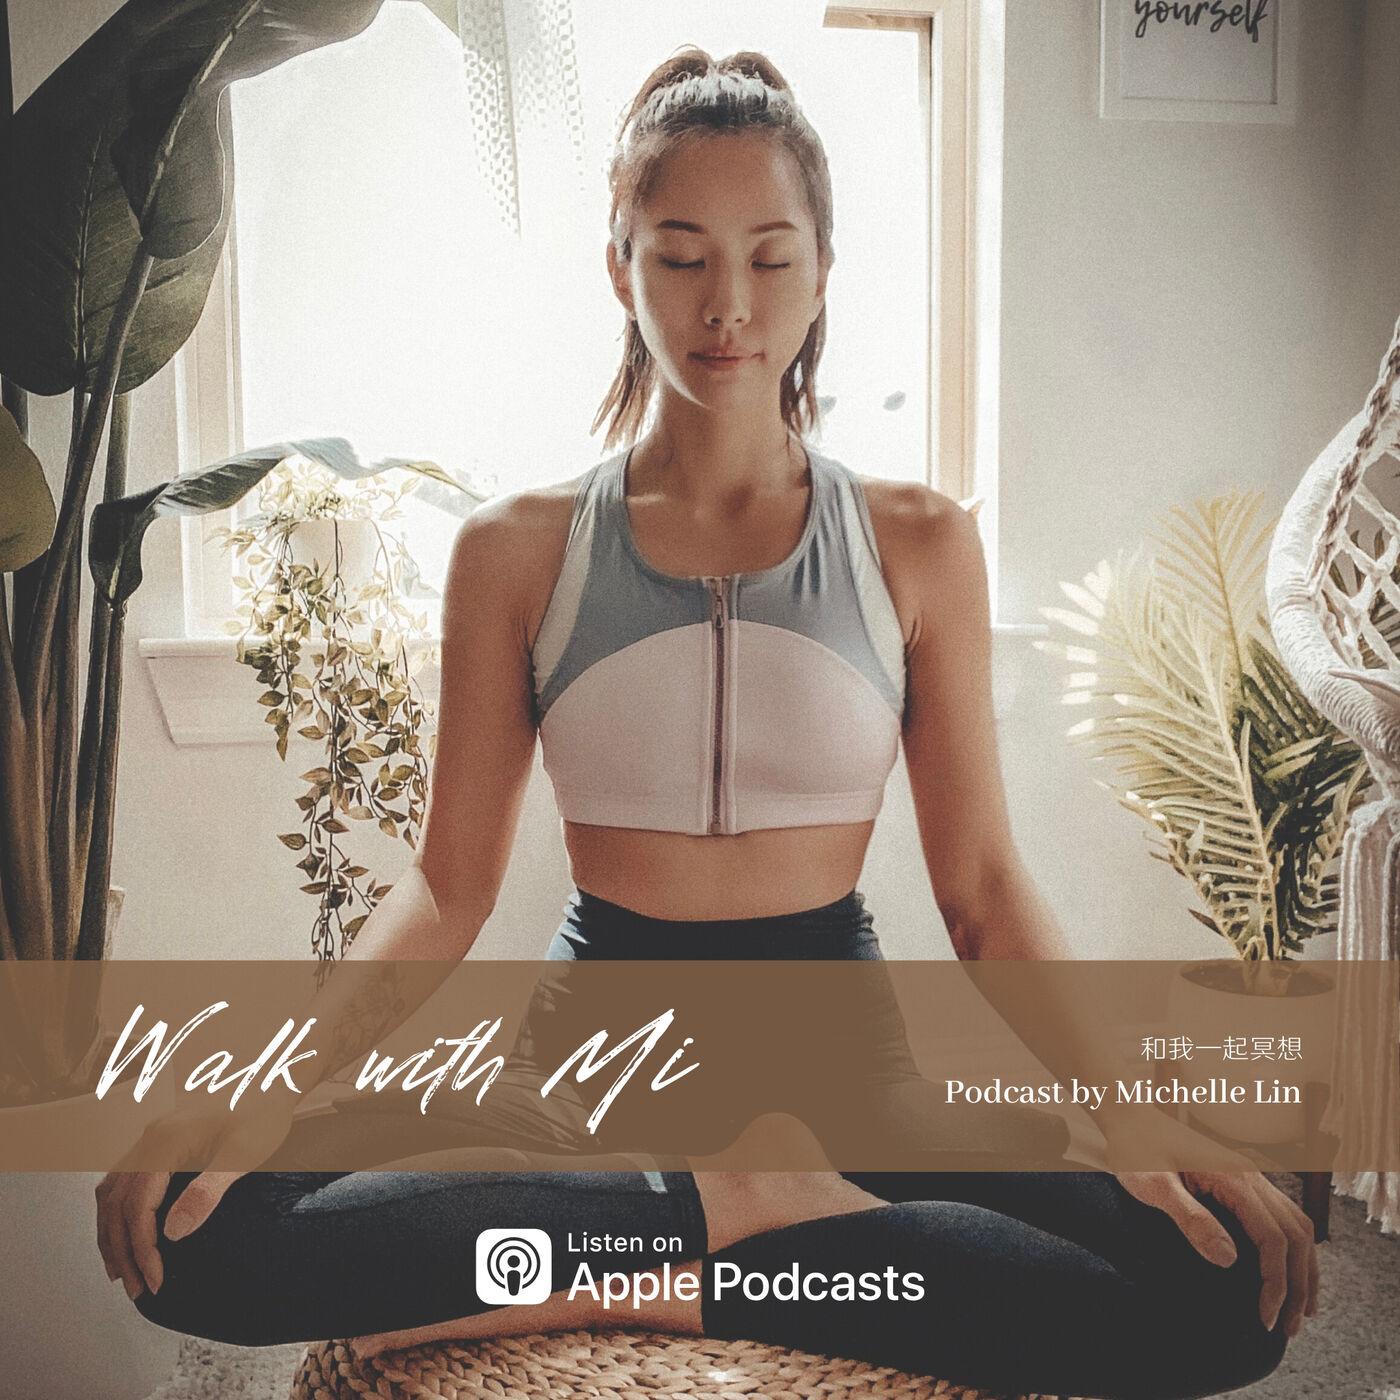 EP1 - 冥想如何拯救了我? 來和我一起冥想